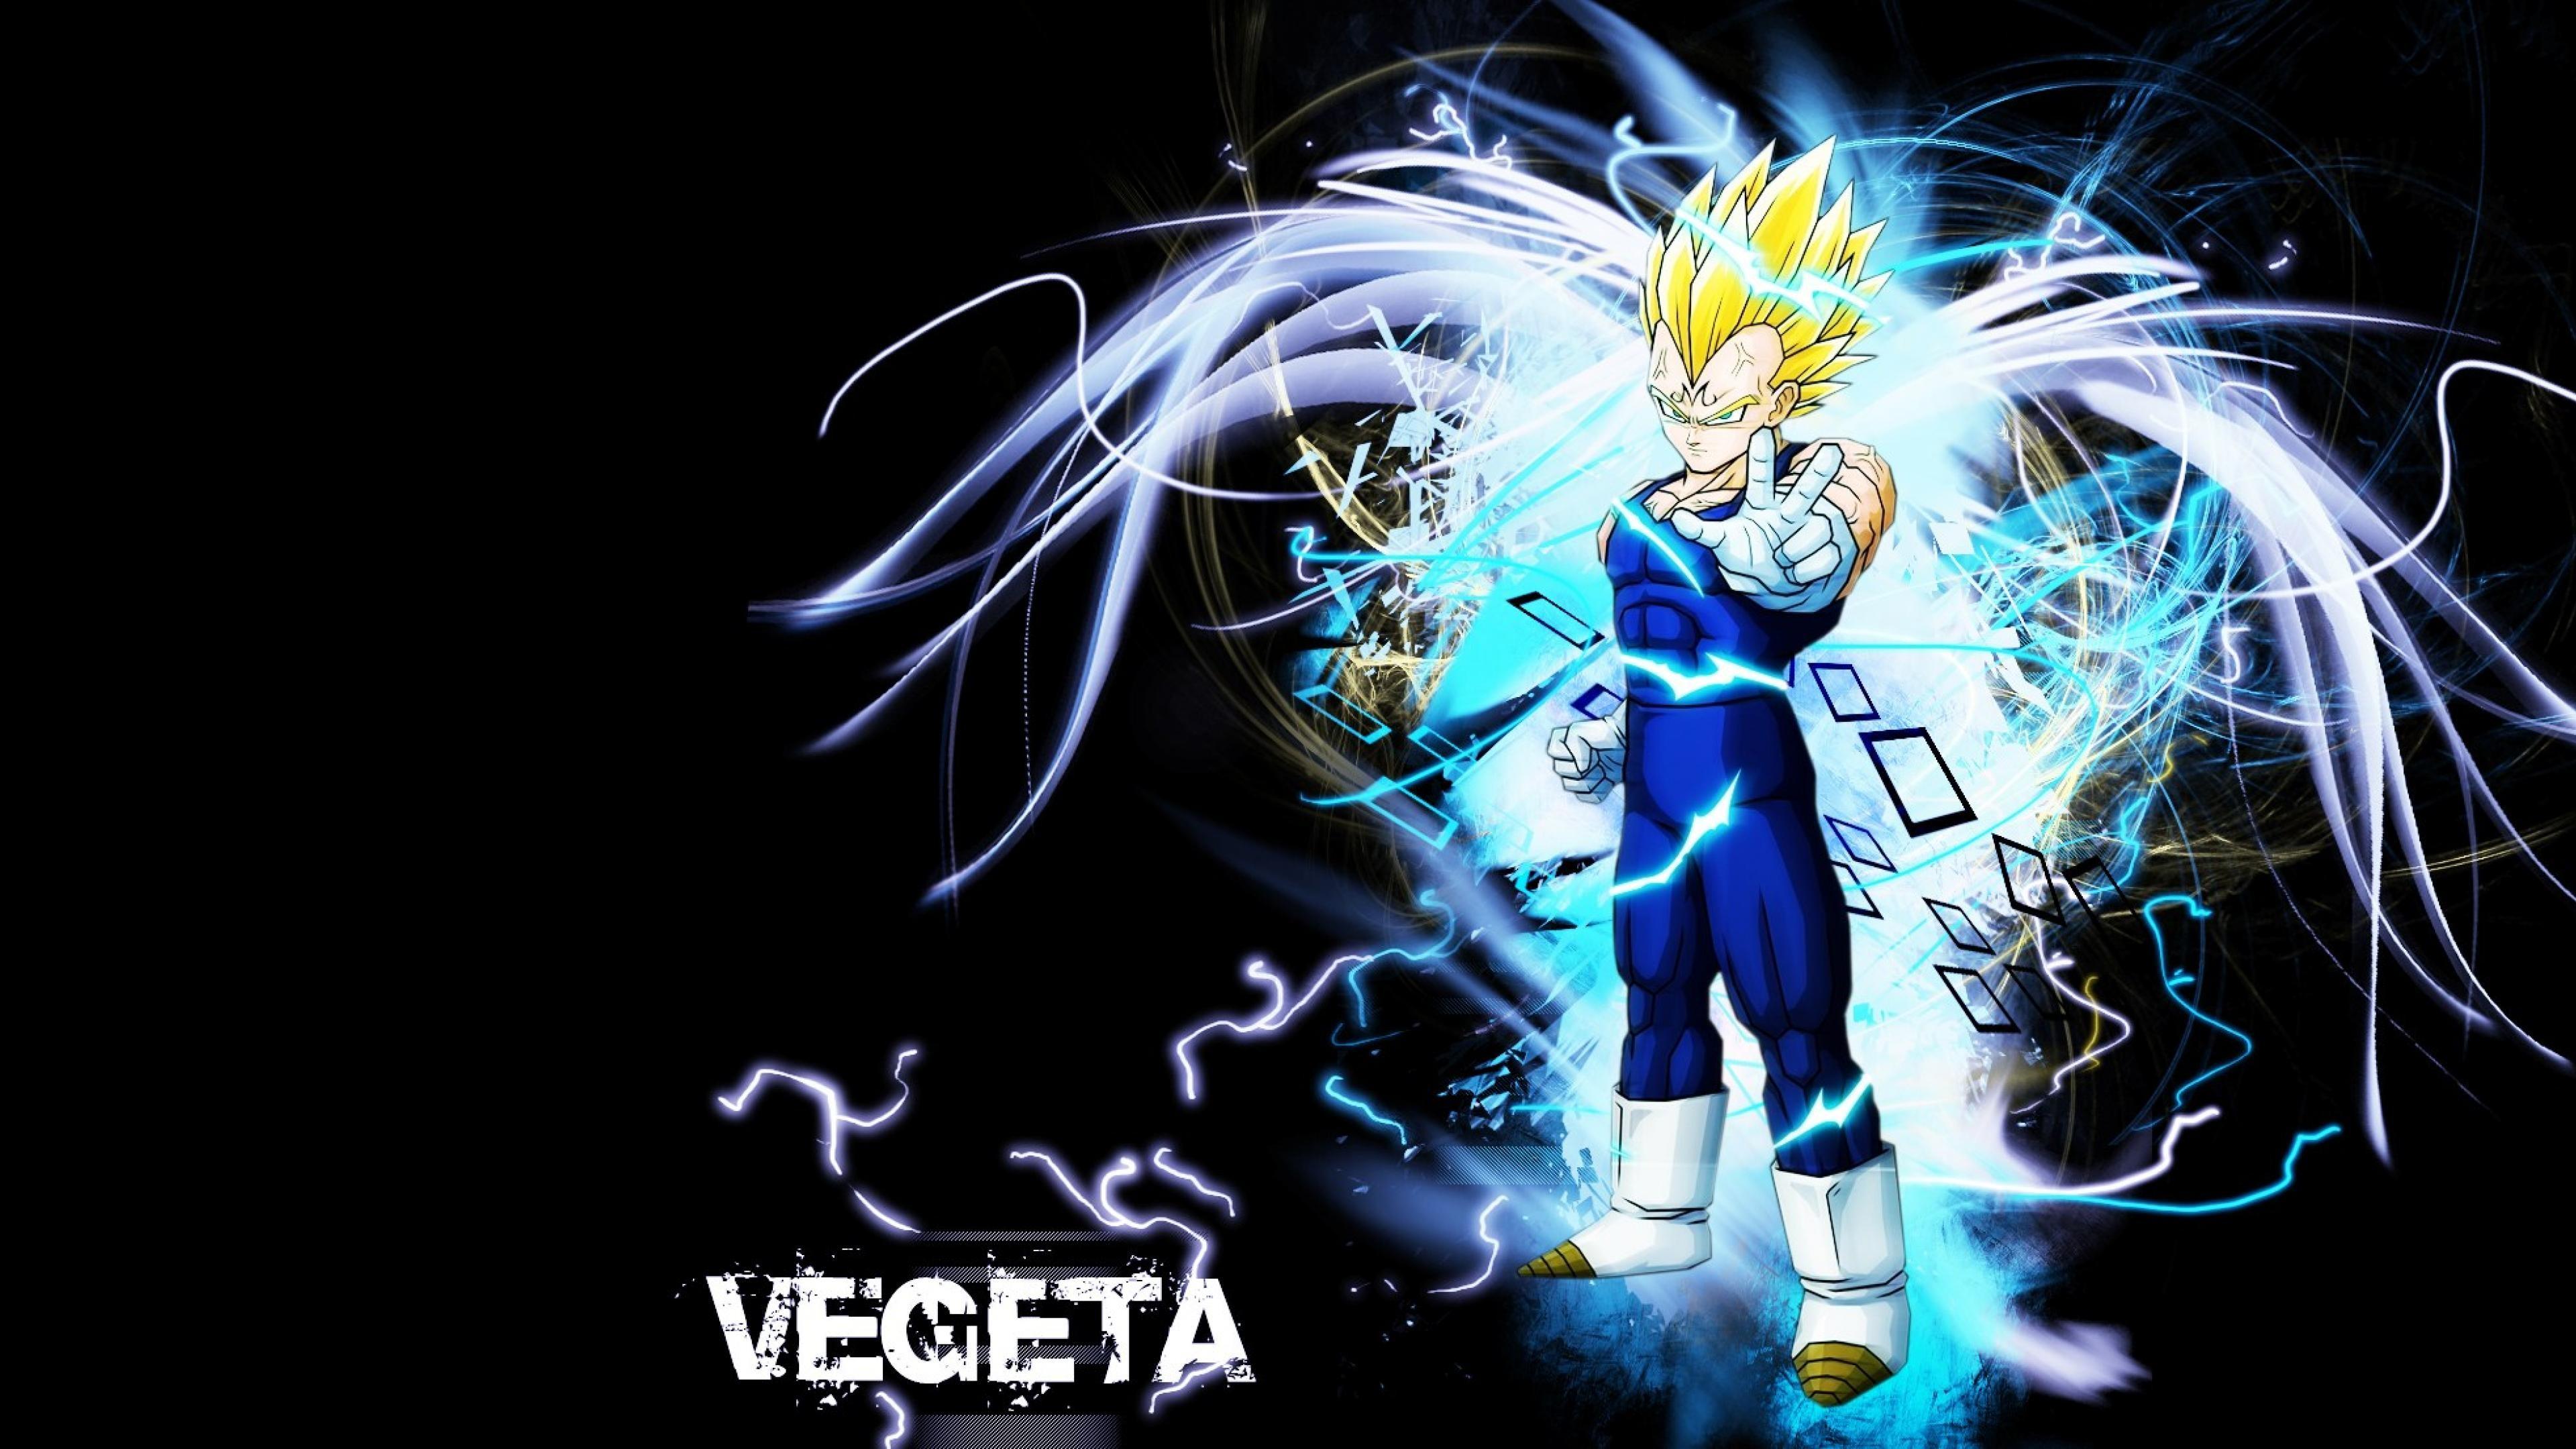 Dragon Ball Z Vegeta wallpapers